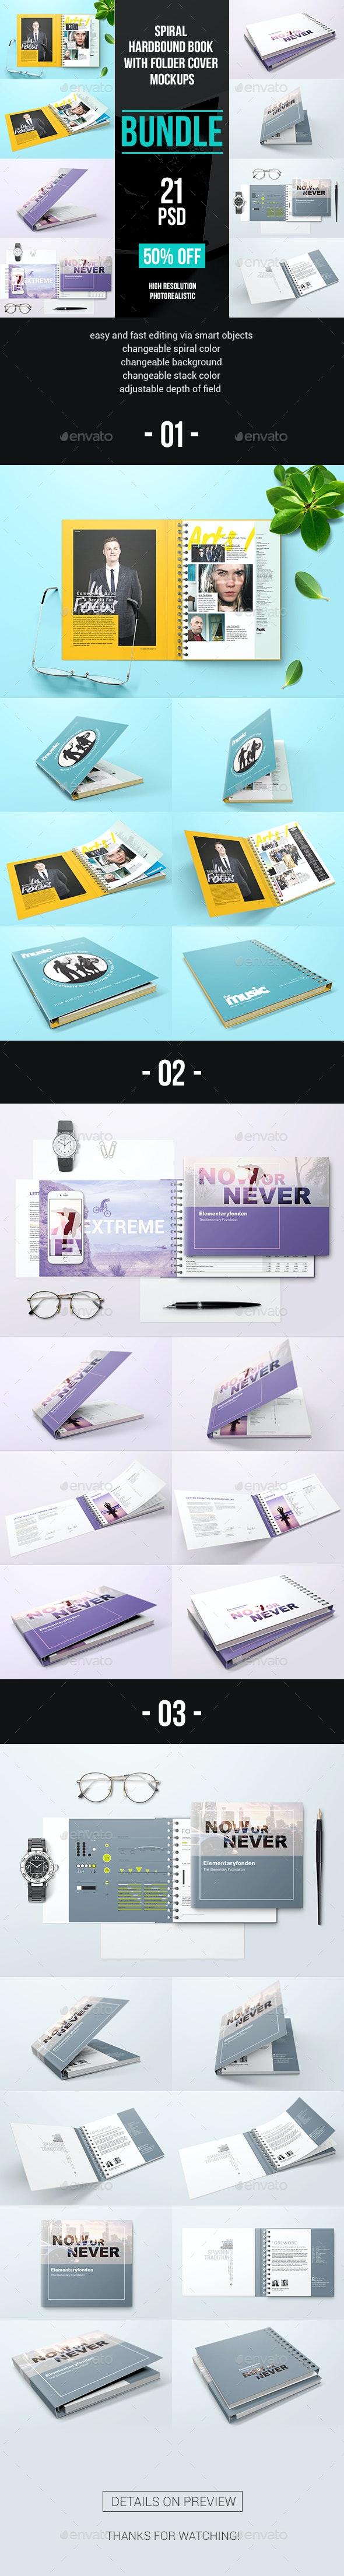 Spiral Hardbound Book With Folder Cover Bundle Mockups - Product Mock-Ups Graphics